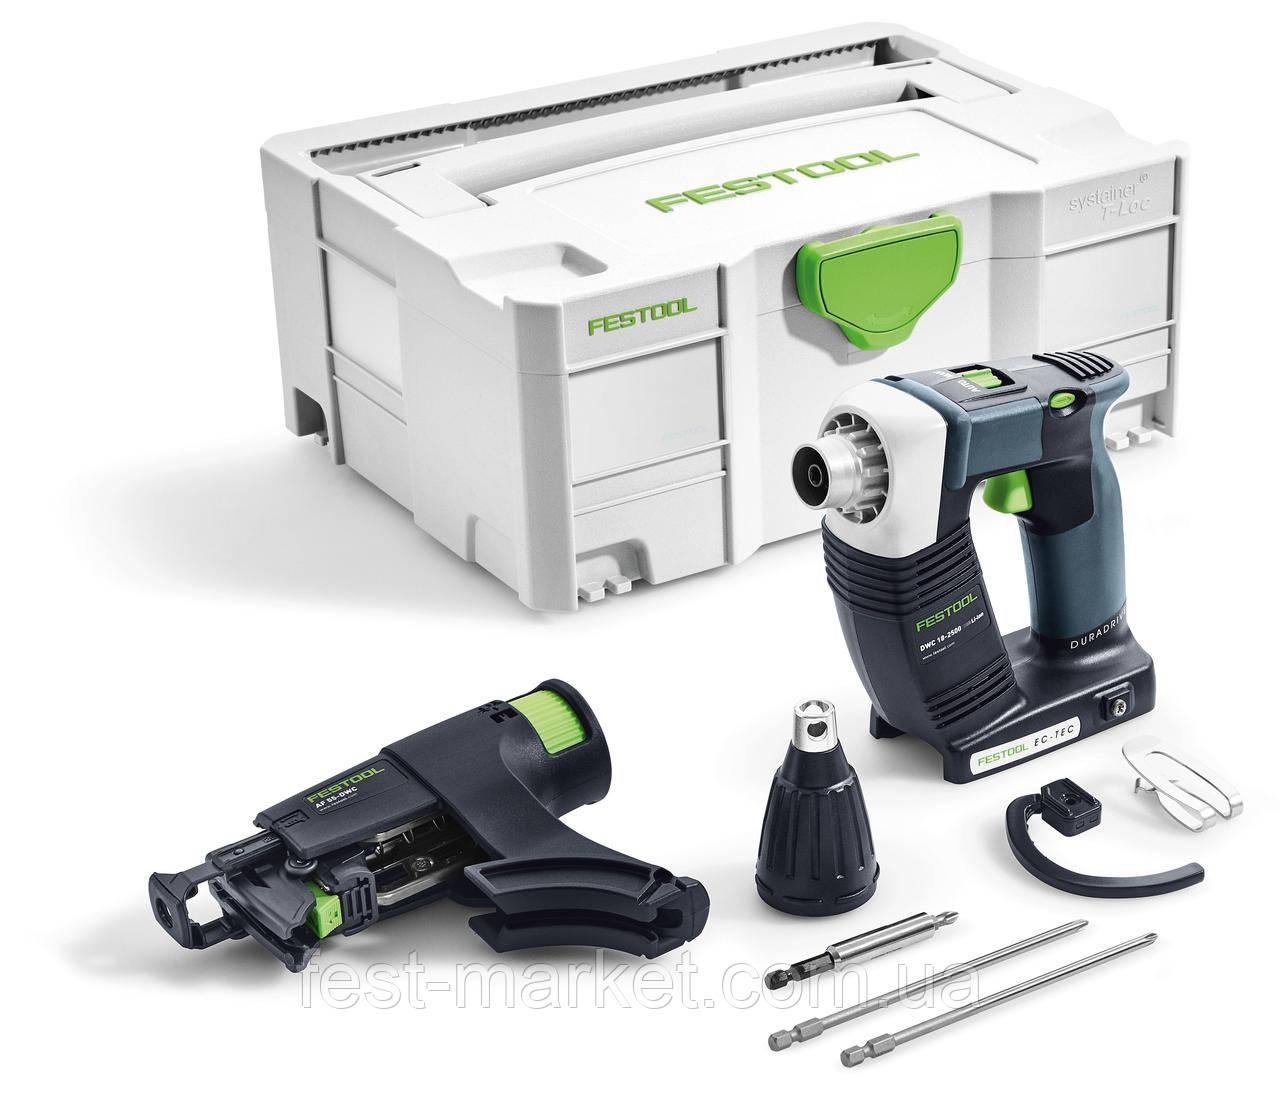 Аккумуляторный строительный шуруповёрт DWC 18-2500 Li-Basic Festool 574742